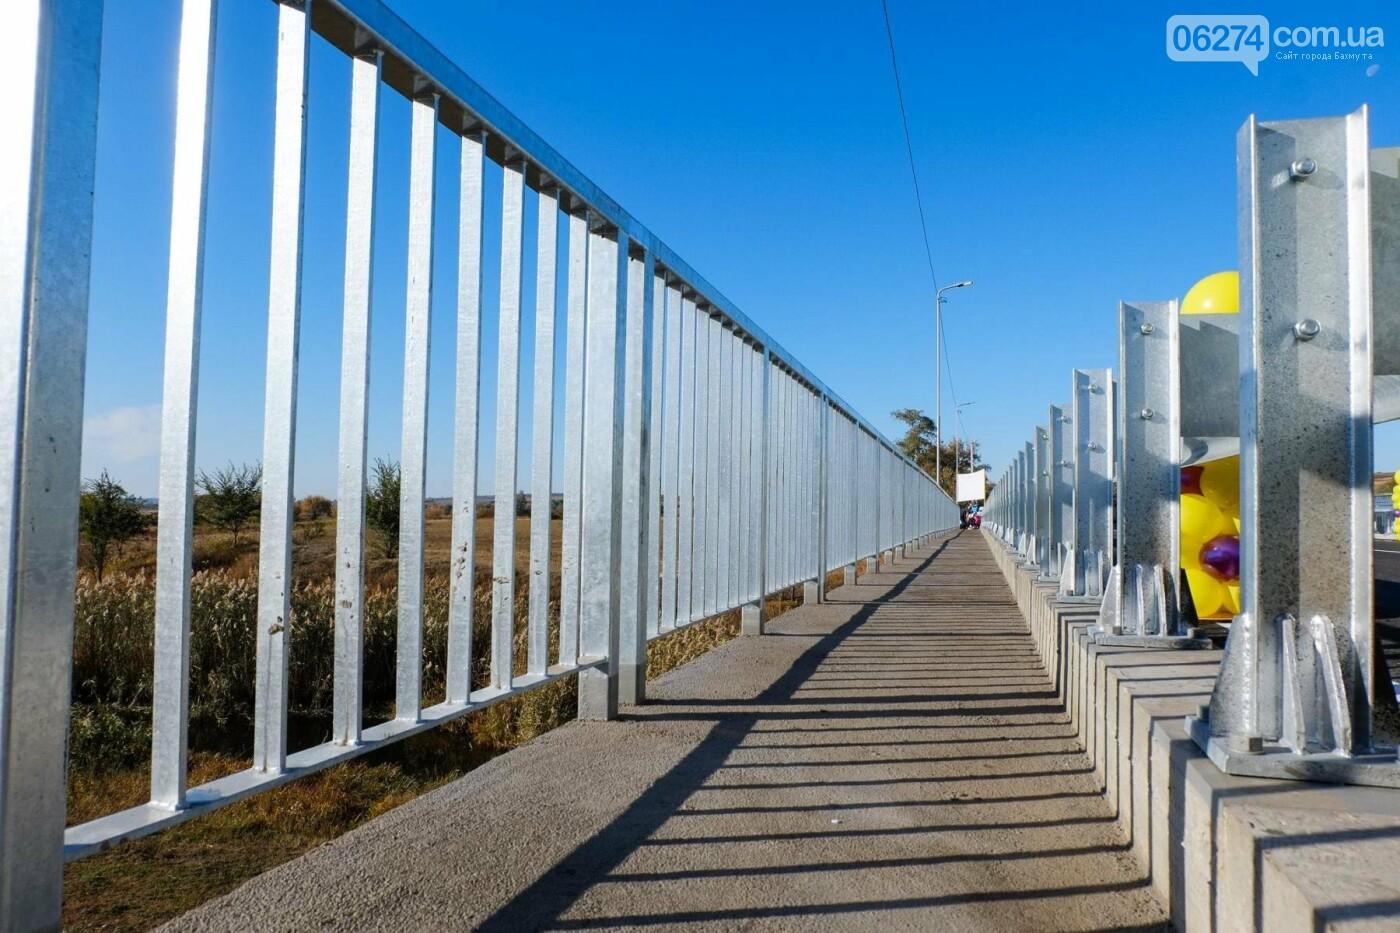 Губернатор области открыл капитально отремонтированный мост через реку Бахмутка, фото-5